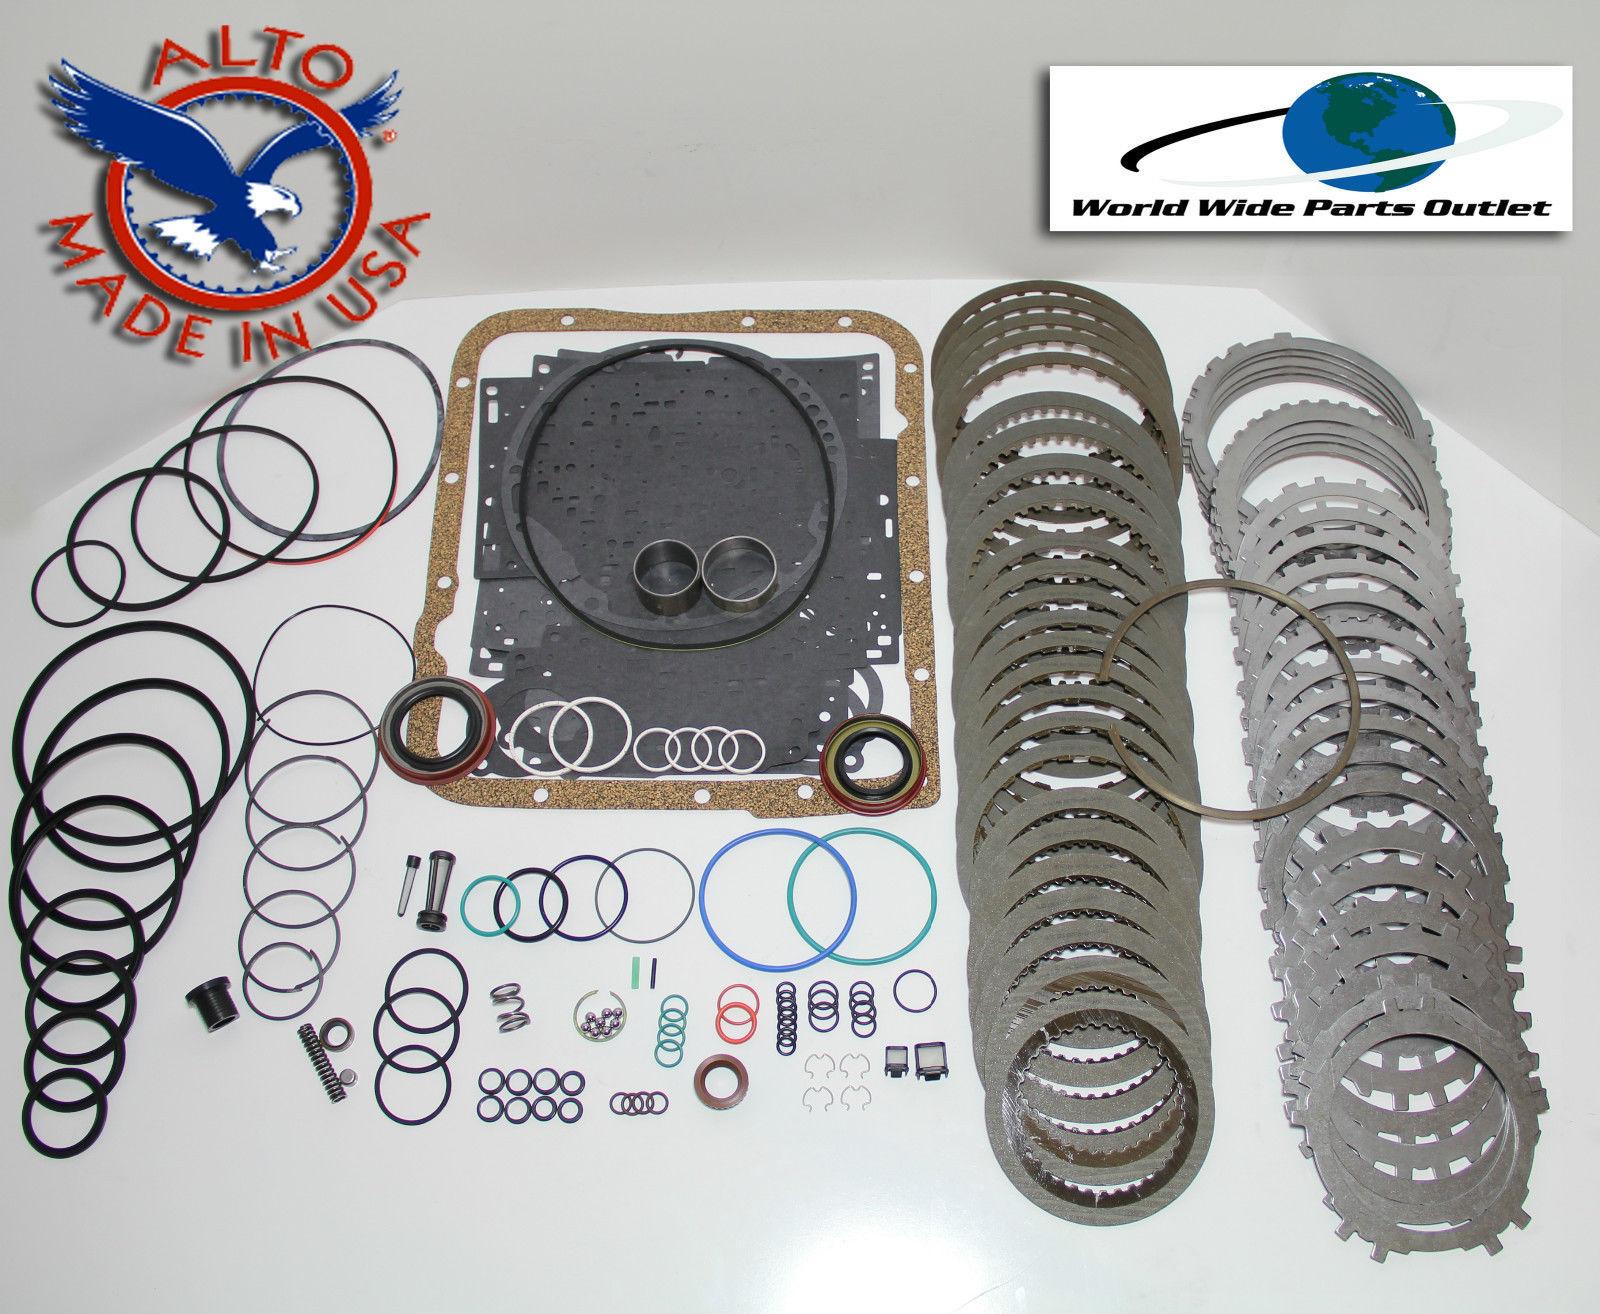 Chevy 4L60E 4L65E 4L70E Transmission Power Pack Deluxe Rebuild Kit 2004-On